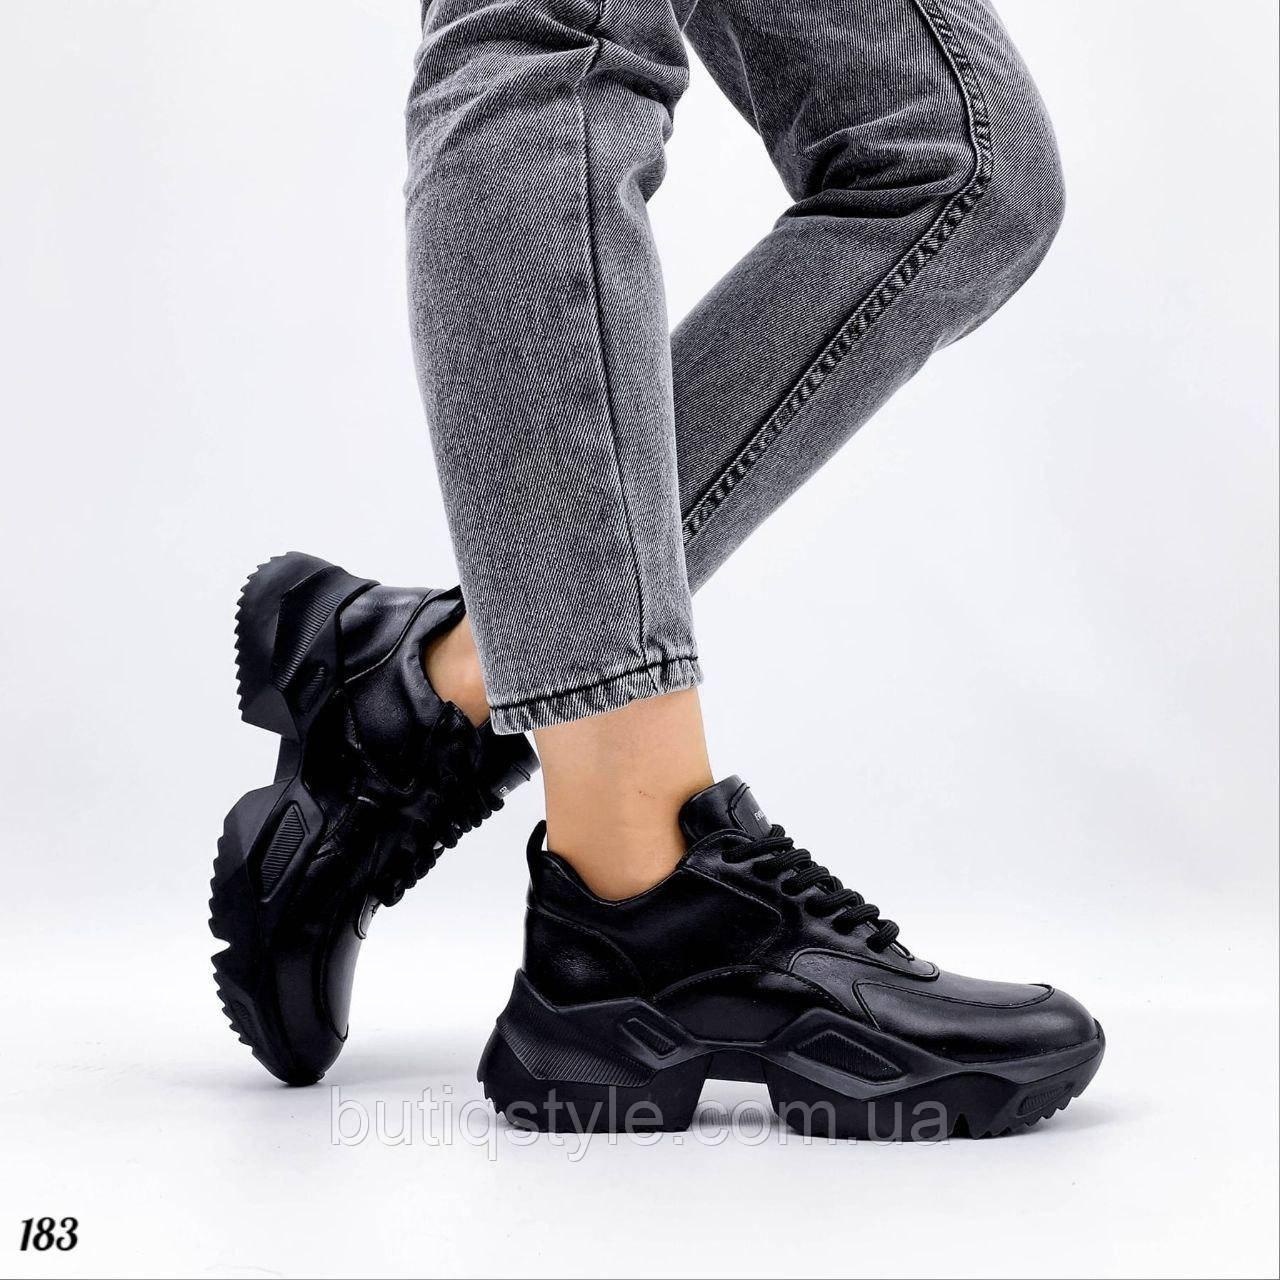 Жіночі чорні кросівки натуральна шкіра на платформі